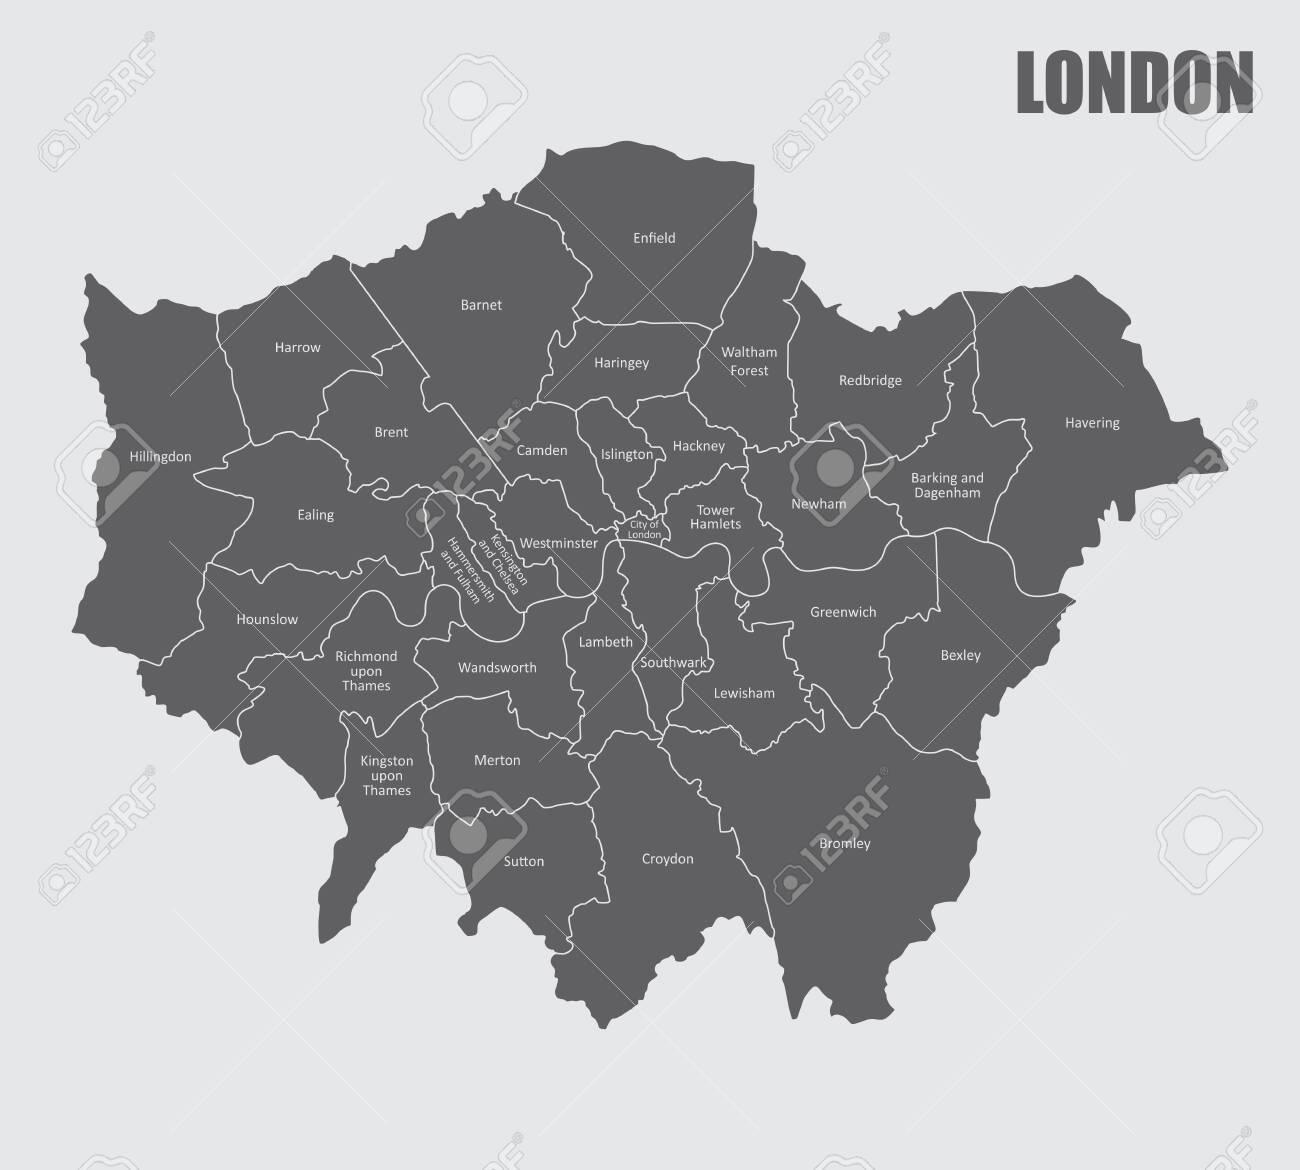 London regions map - 135045523